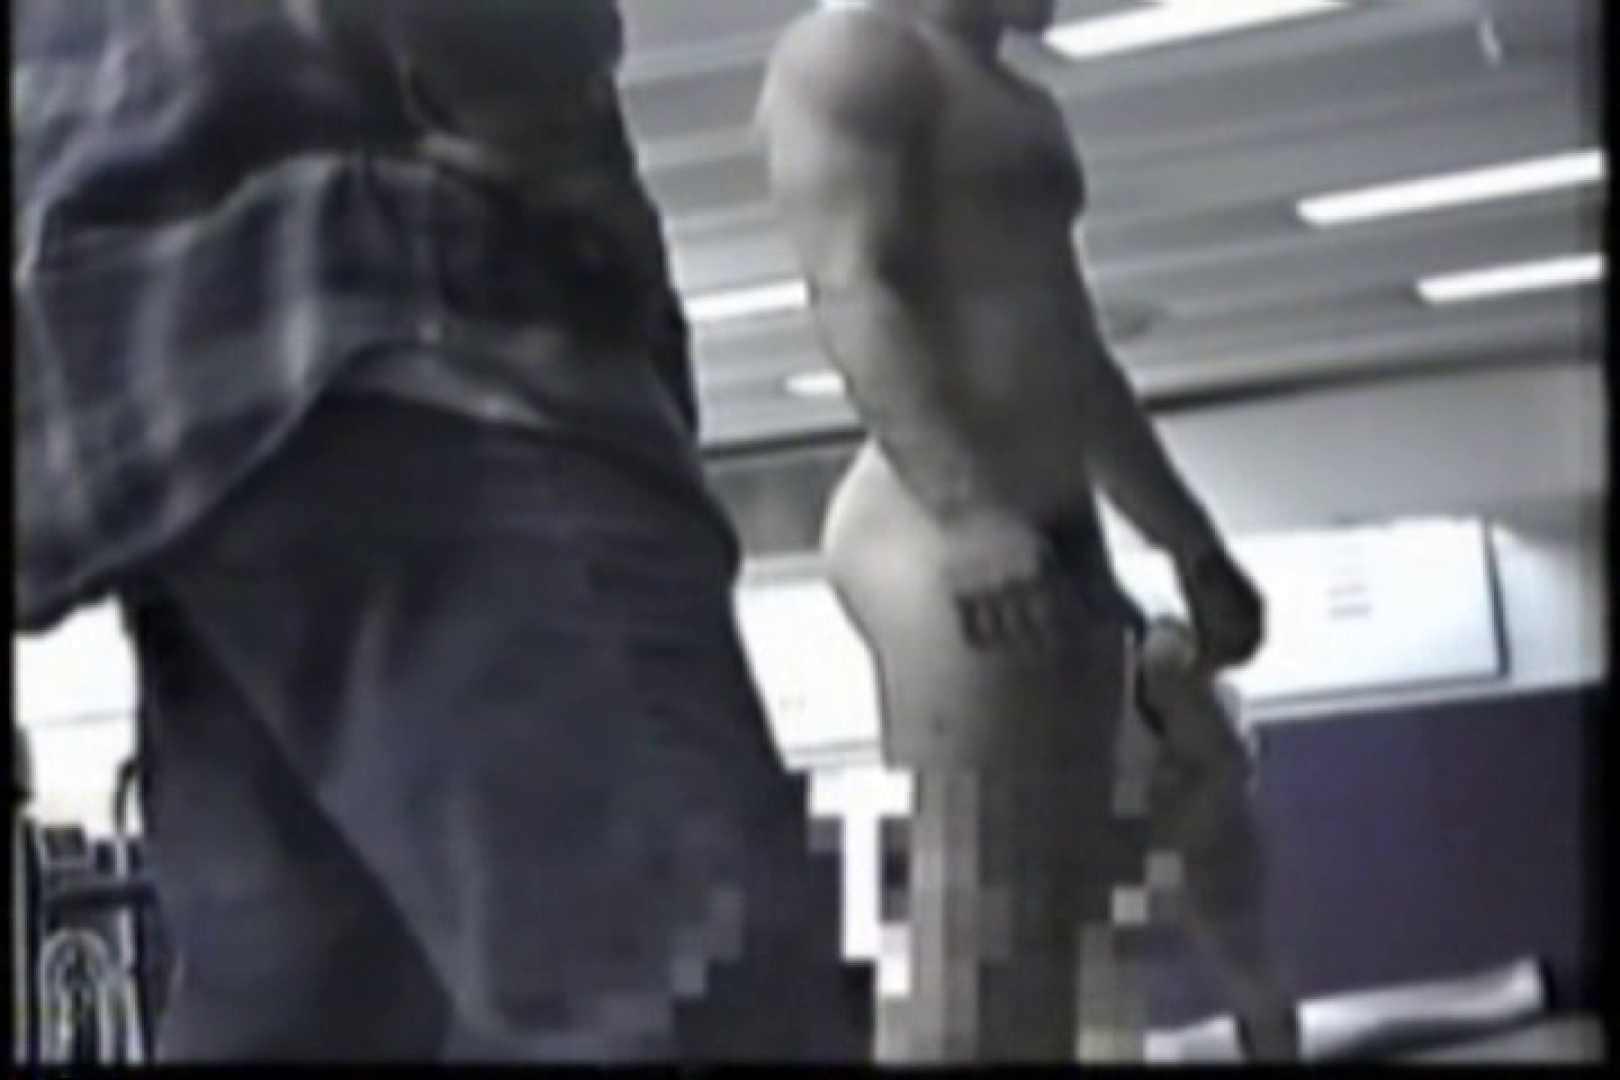 洋人さんの脱衣所を覗いてみました。VOL.7 完全無修正でお届け | ガチムチマッチョ系  95pic 80